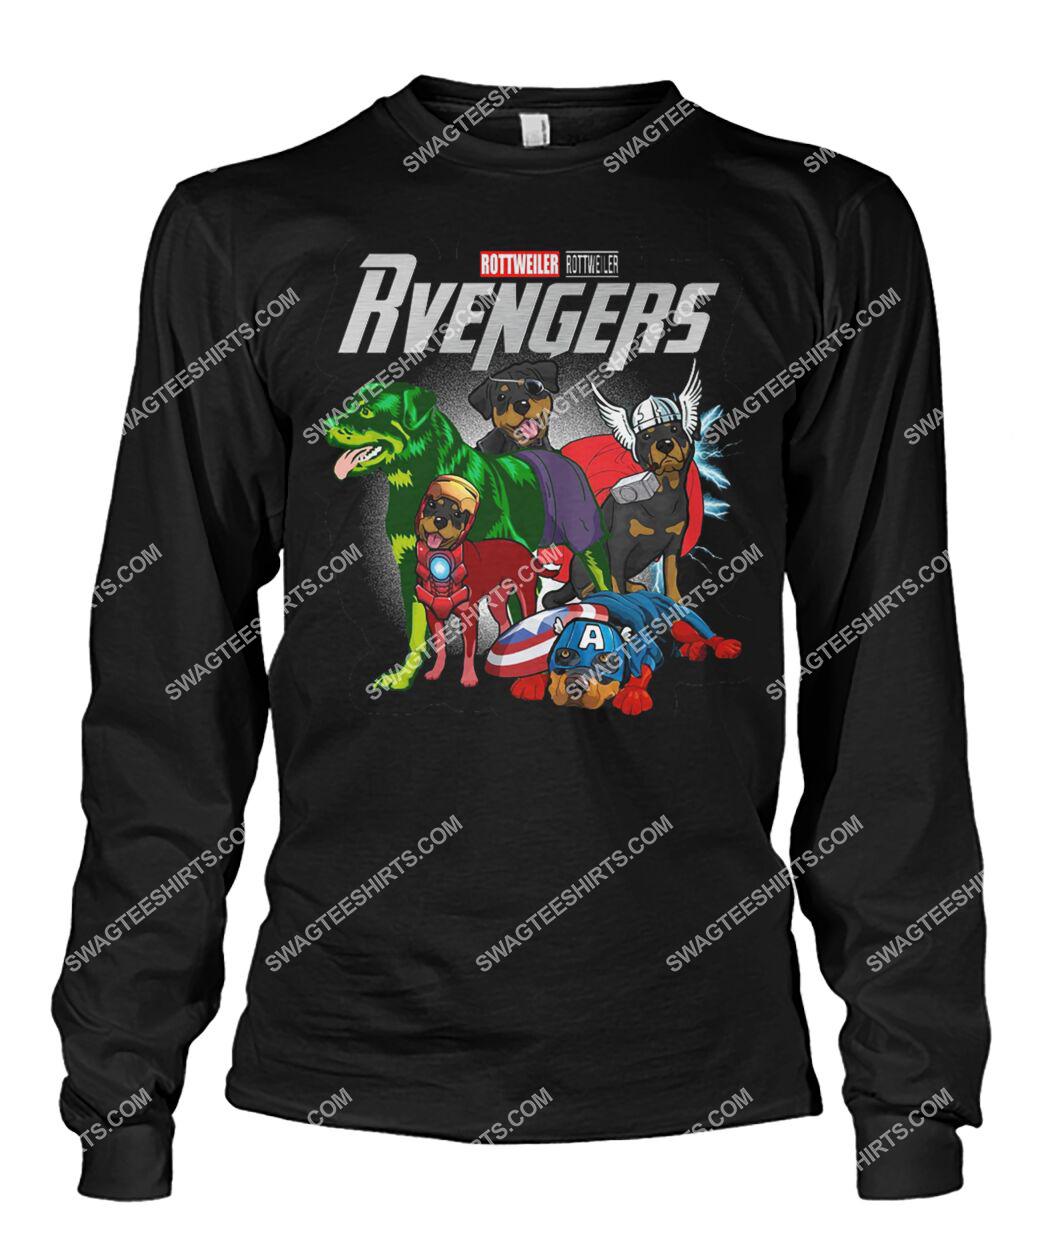 rottweiler rvengers marvel avengers dogs lover sweatshirt 1